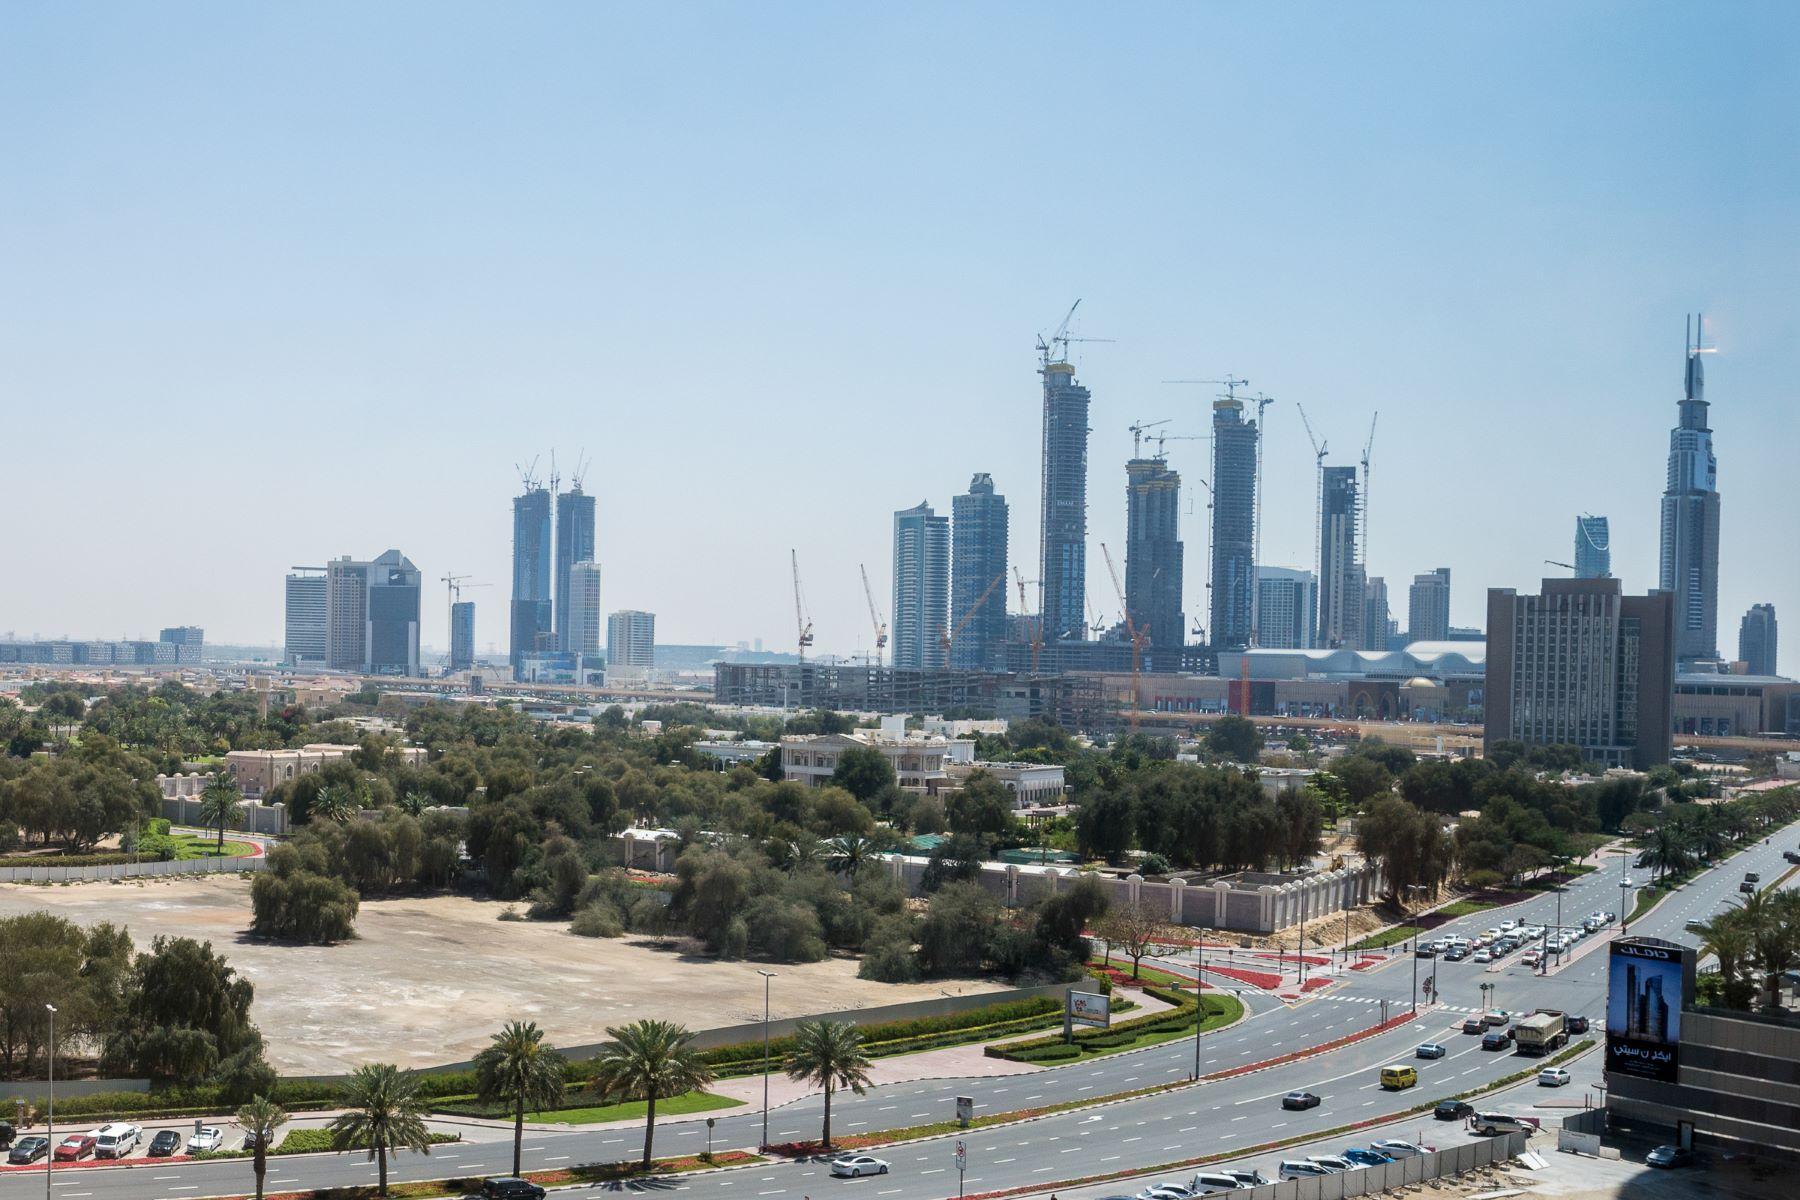 Квартира для того Продажа на Limestone House Dubai, Объединенные Арабские Эмираты